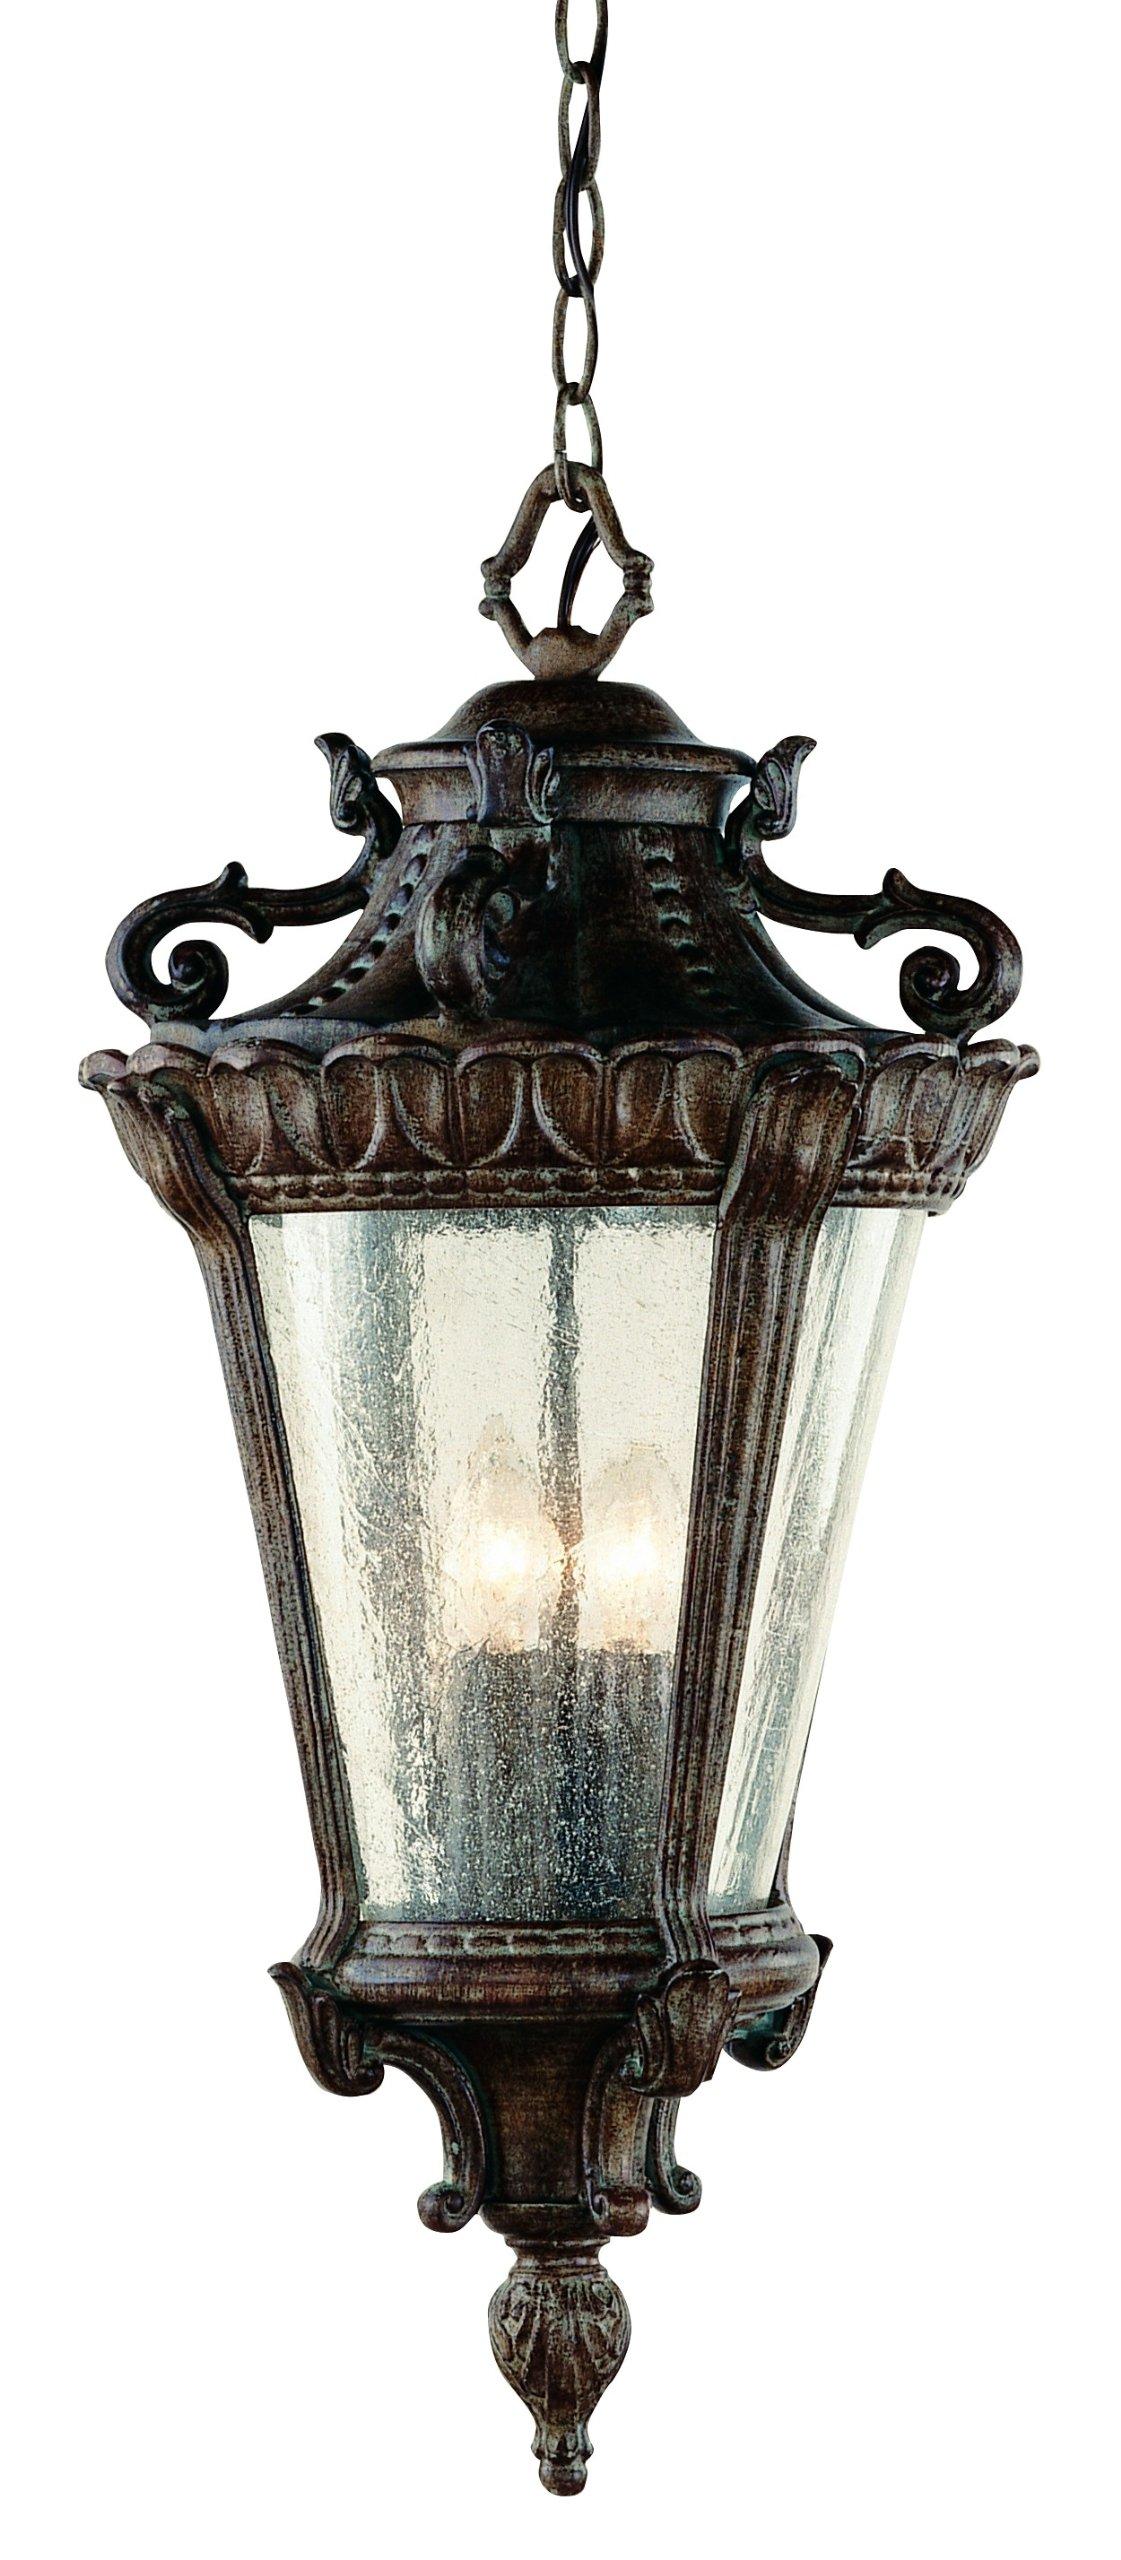 Trans Globe Lighting 4843 PA Outdoor Heritage 28.25'' Hanging Lantern, Patina